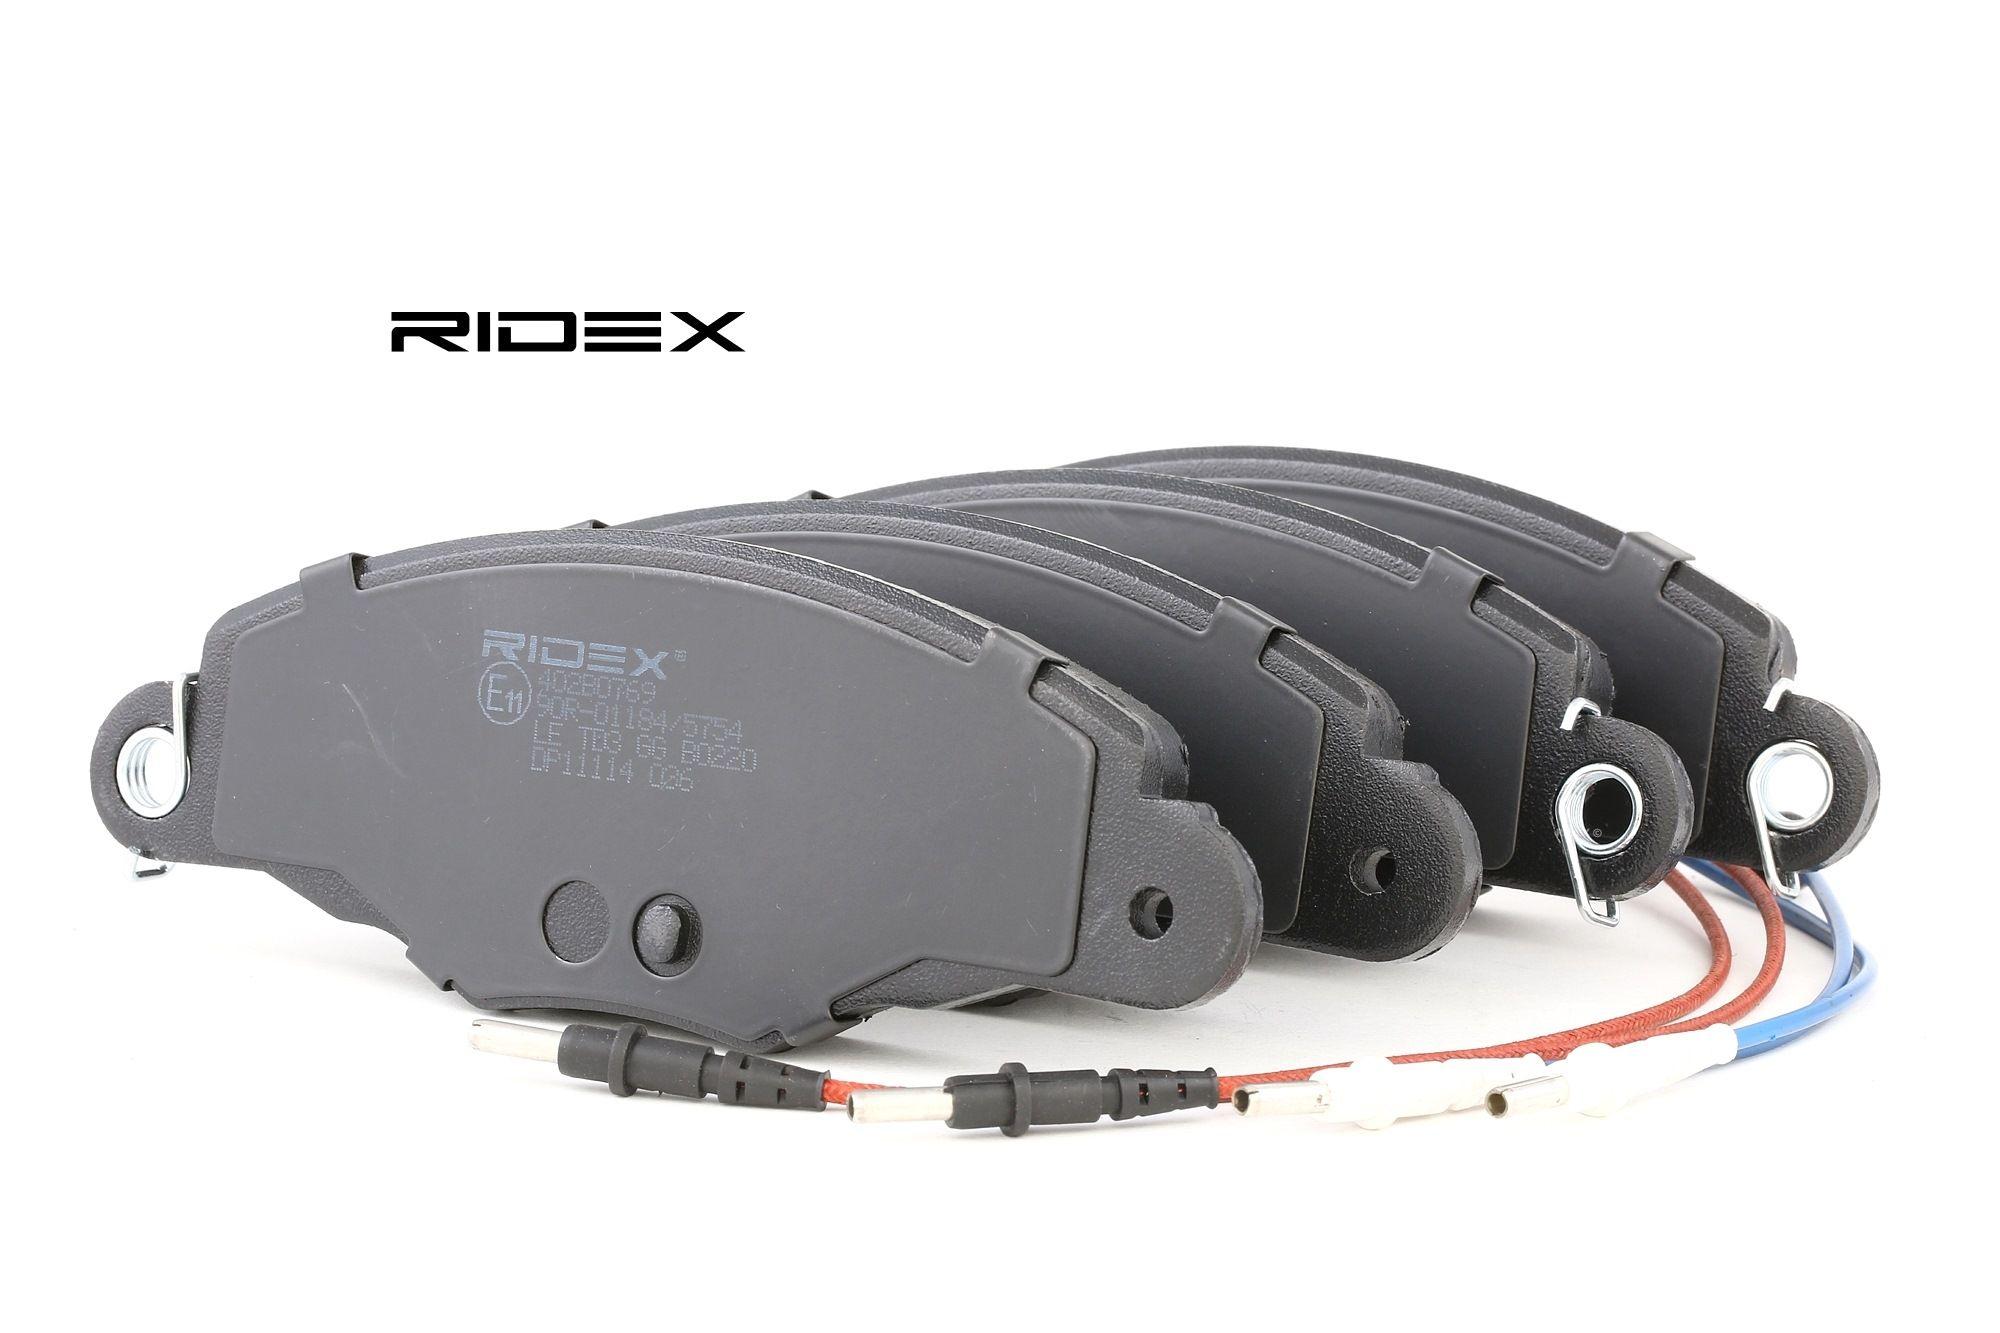 Bremsbelagsatz RIDEX 402B0769 Bewertung